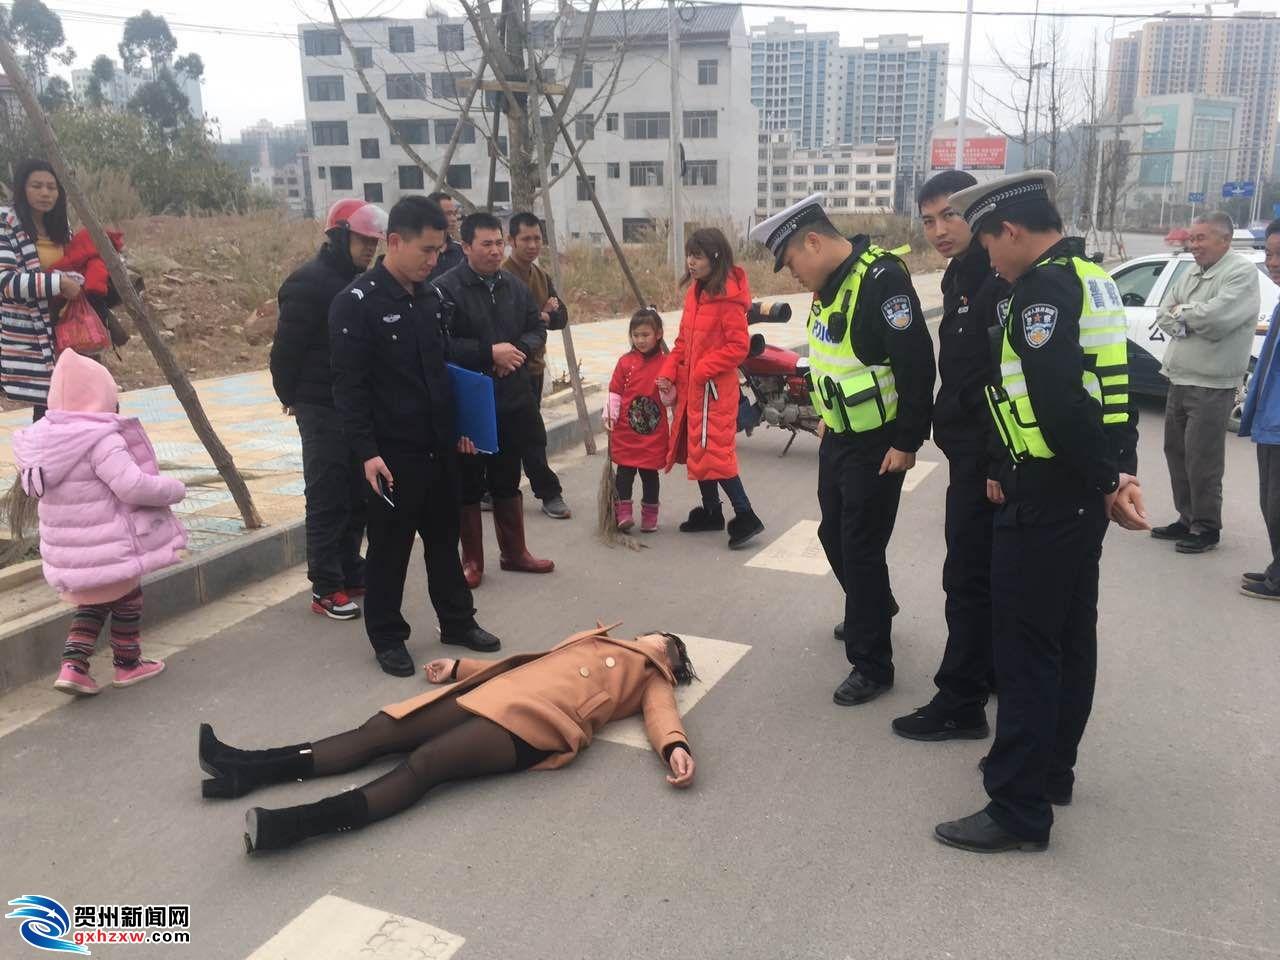 一妇女路边突然晕倒 群众发现求助...